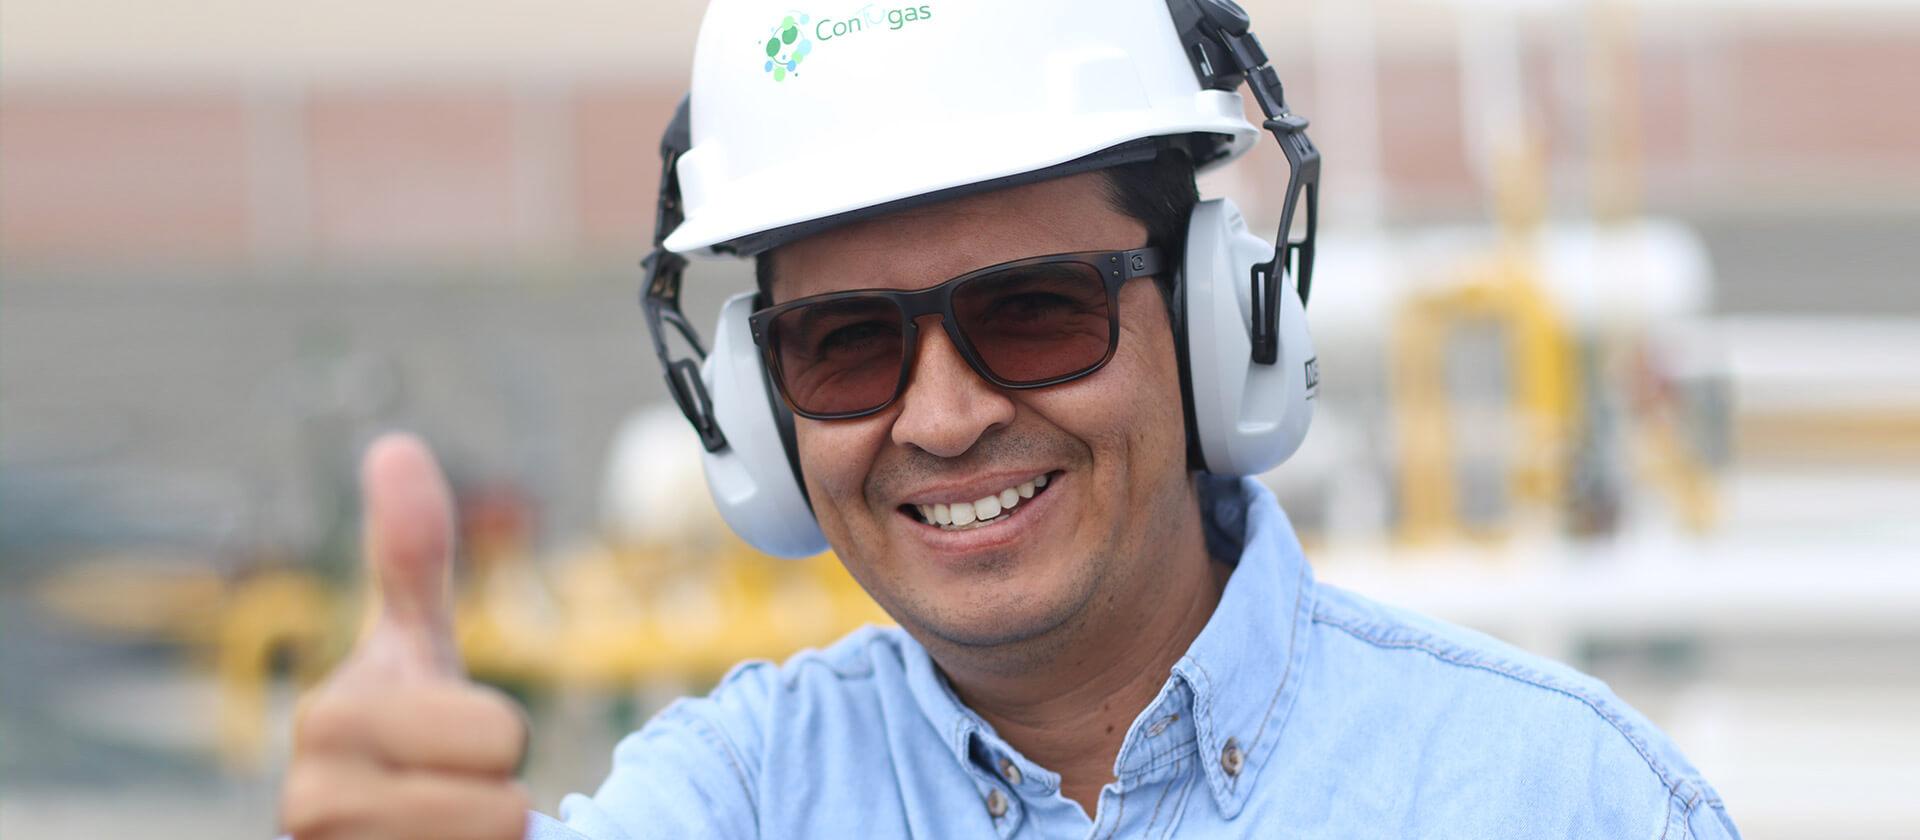 Empresa Contugas presenta su Informe de Gestión Sostenible